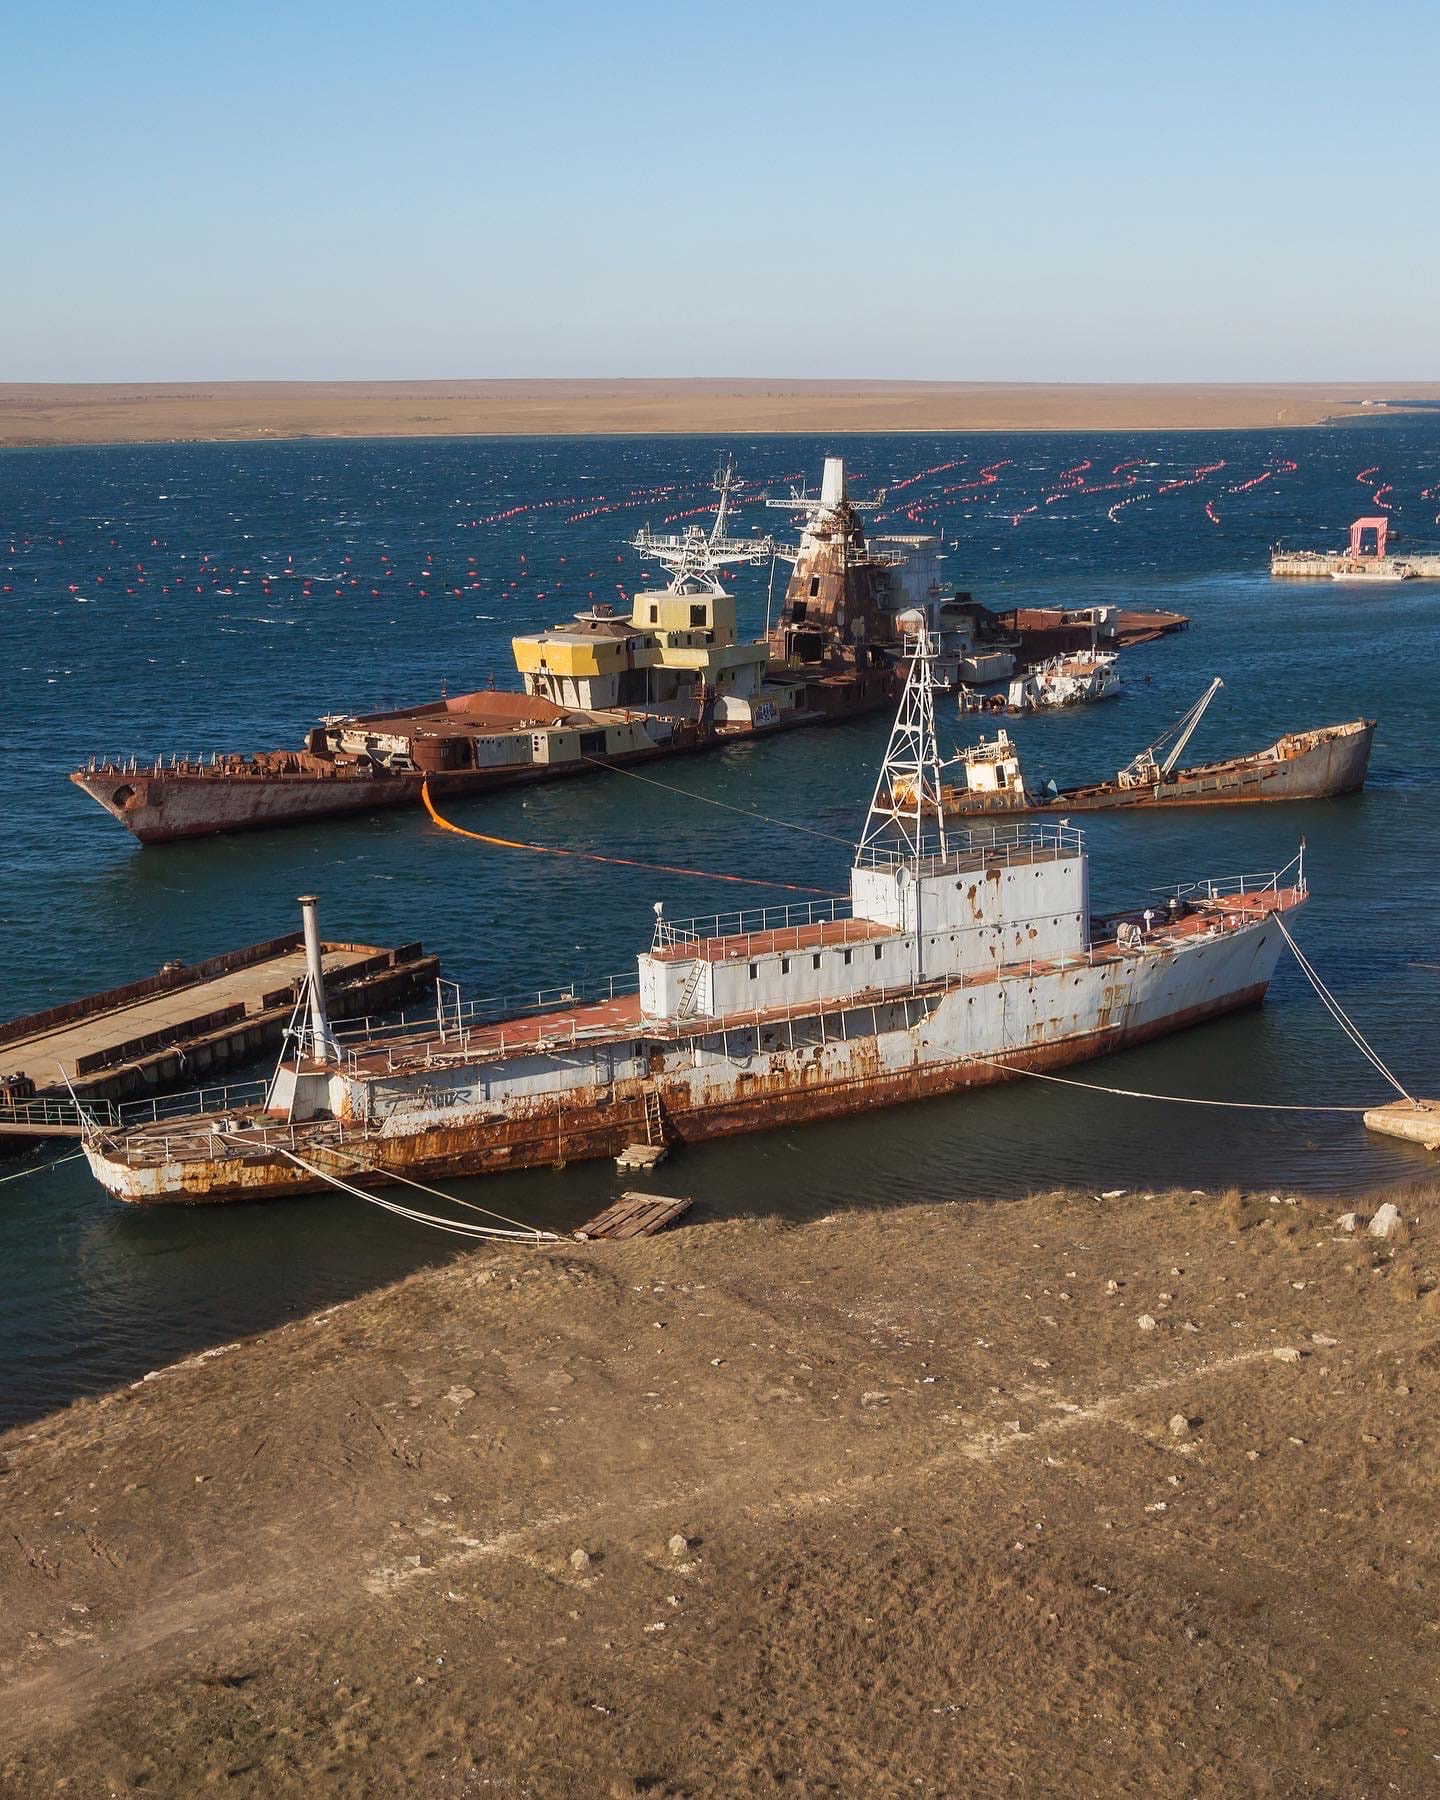 Крым. Заброшенные корабли на озере Донузлав - фото - Фото